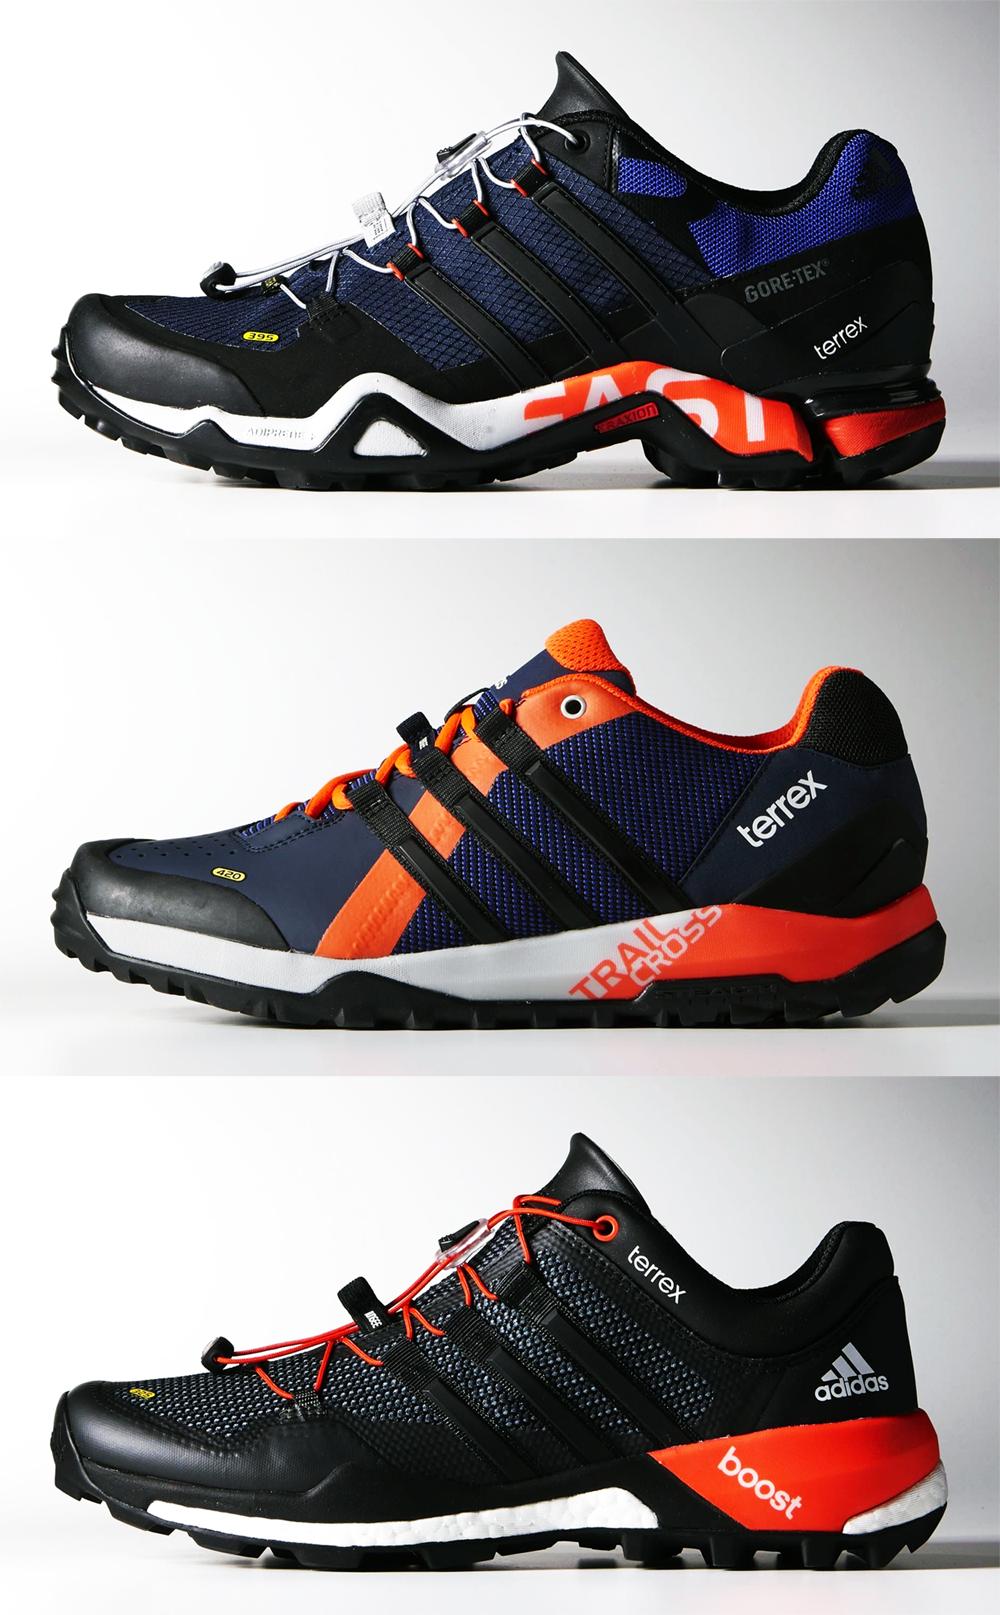 Adidas Terrex Trail Shoes Zapatillas Deportivas Hombre Zapatos De Vestir Zapatos En Linea